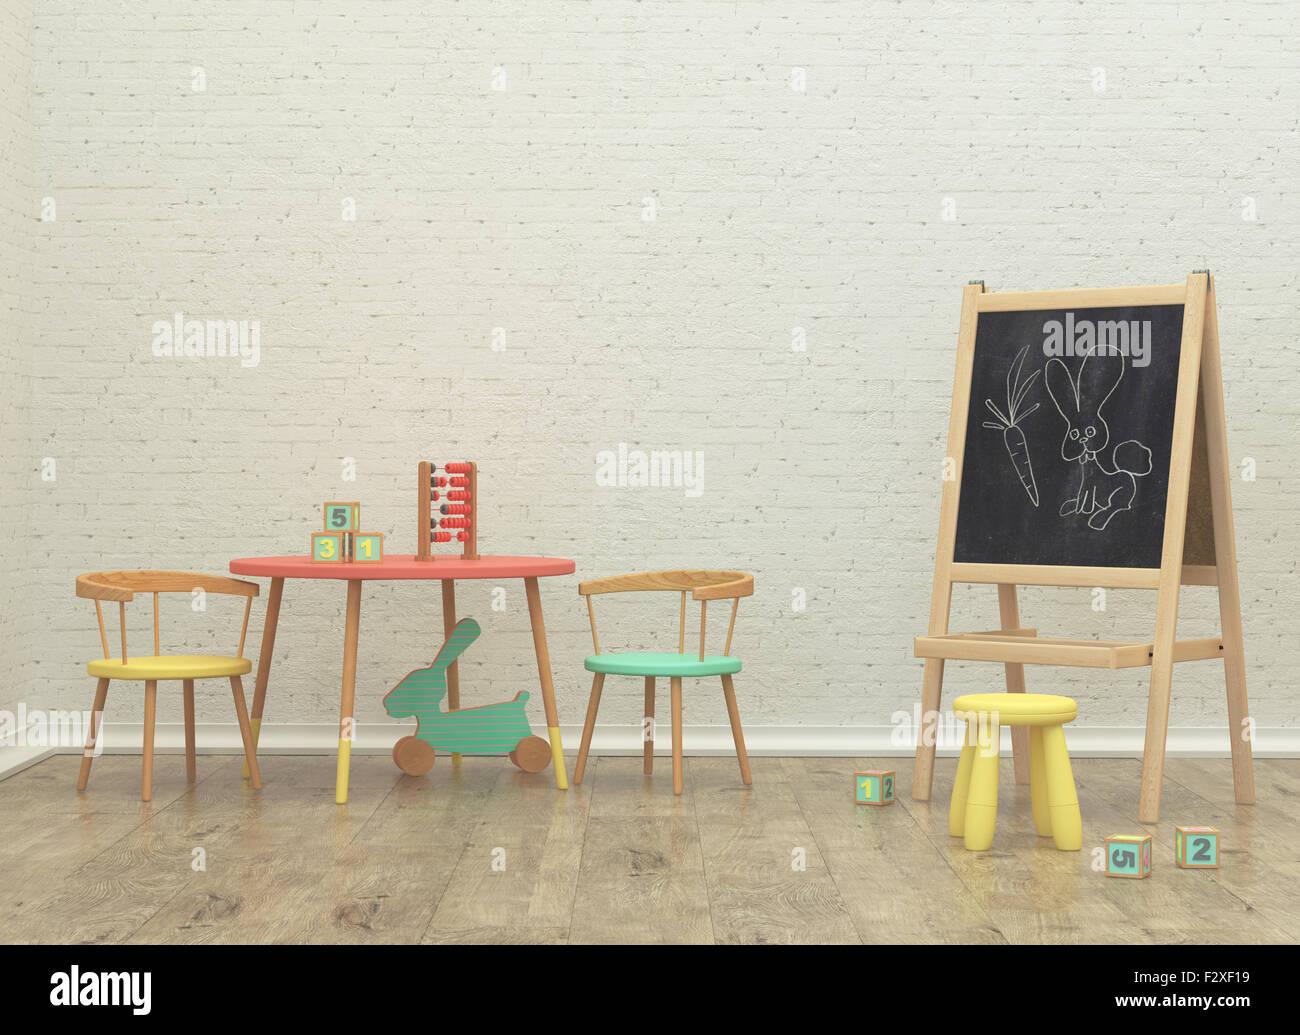 Sala de juegos para niños interior 3D rendering imagen con junta y juguetes Imagen De Stock